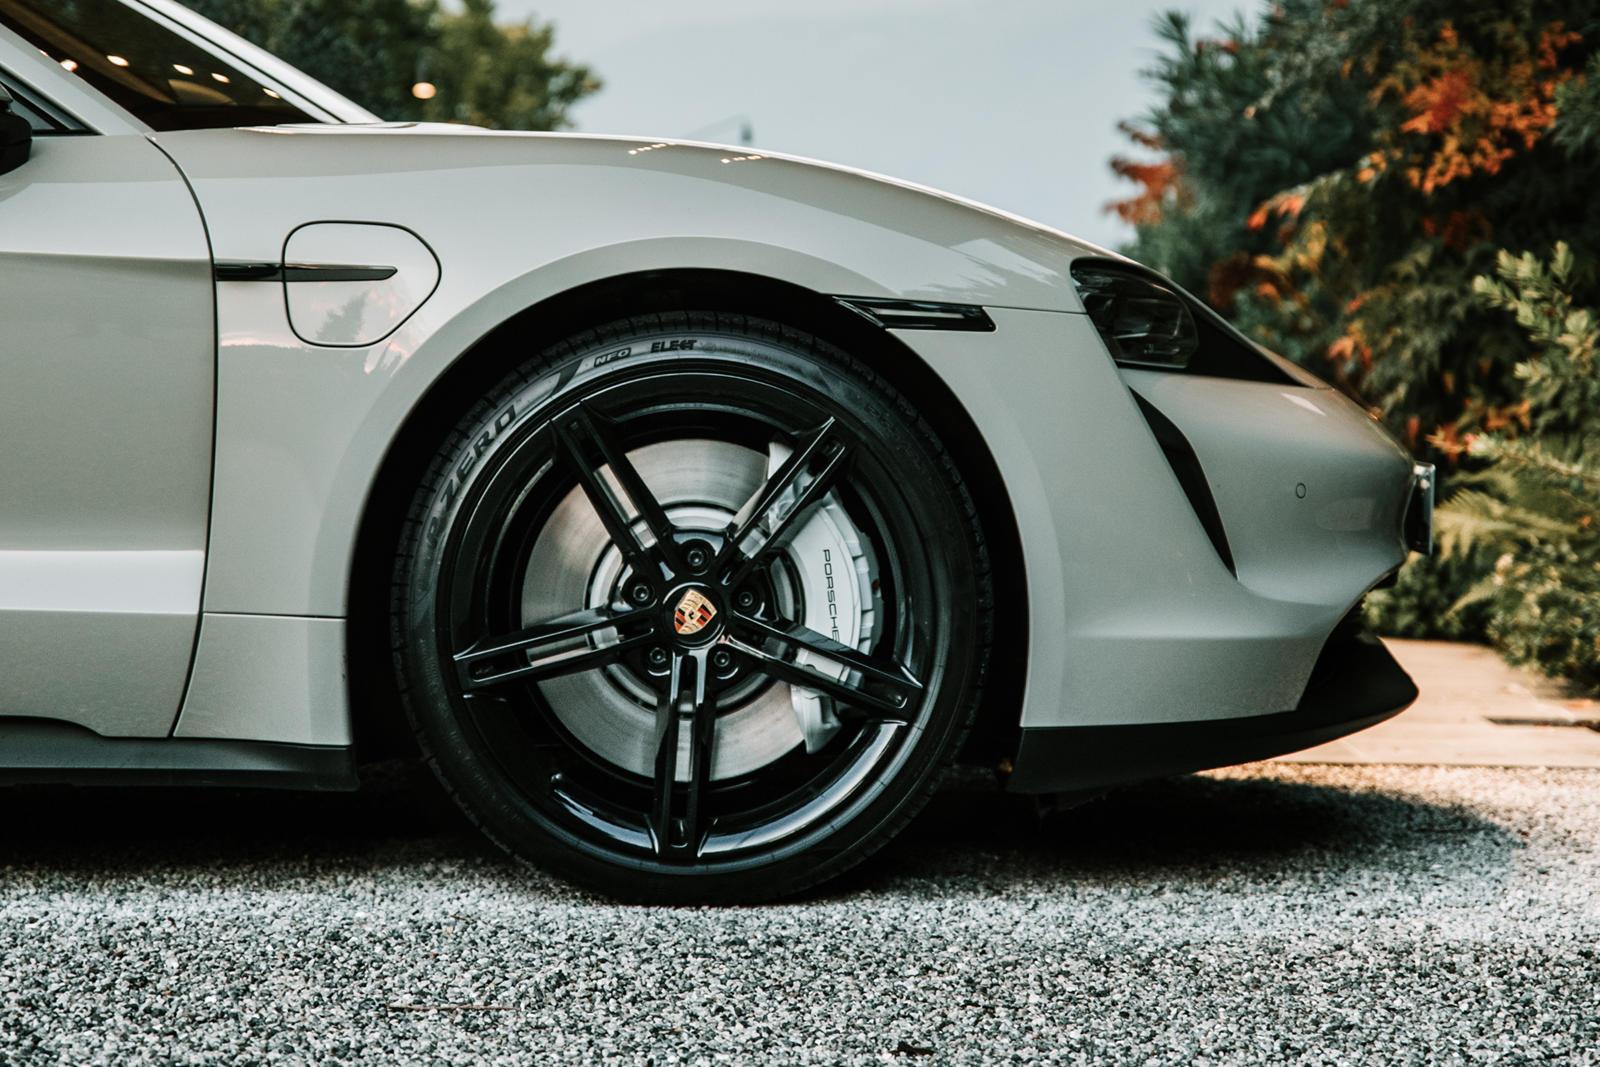 Pirelli Develops Special Tires For Porsche Taycan